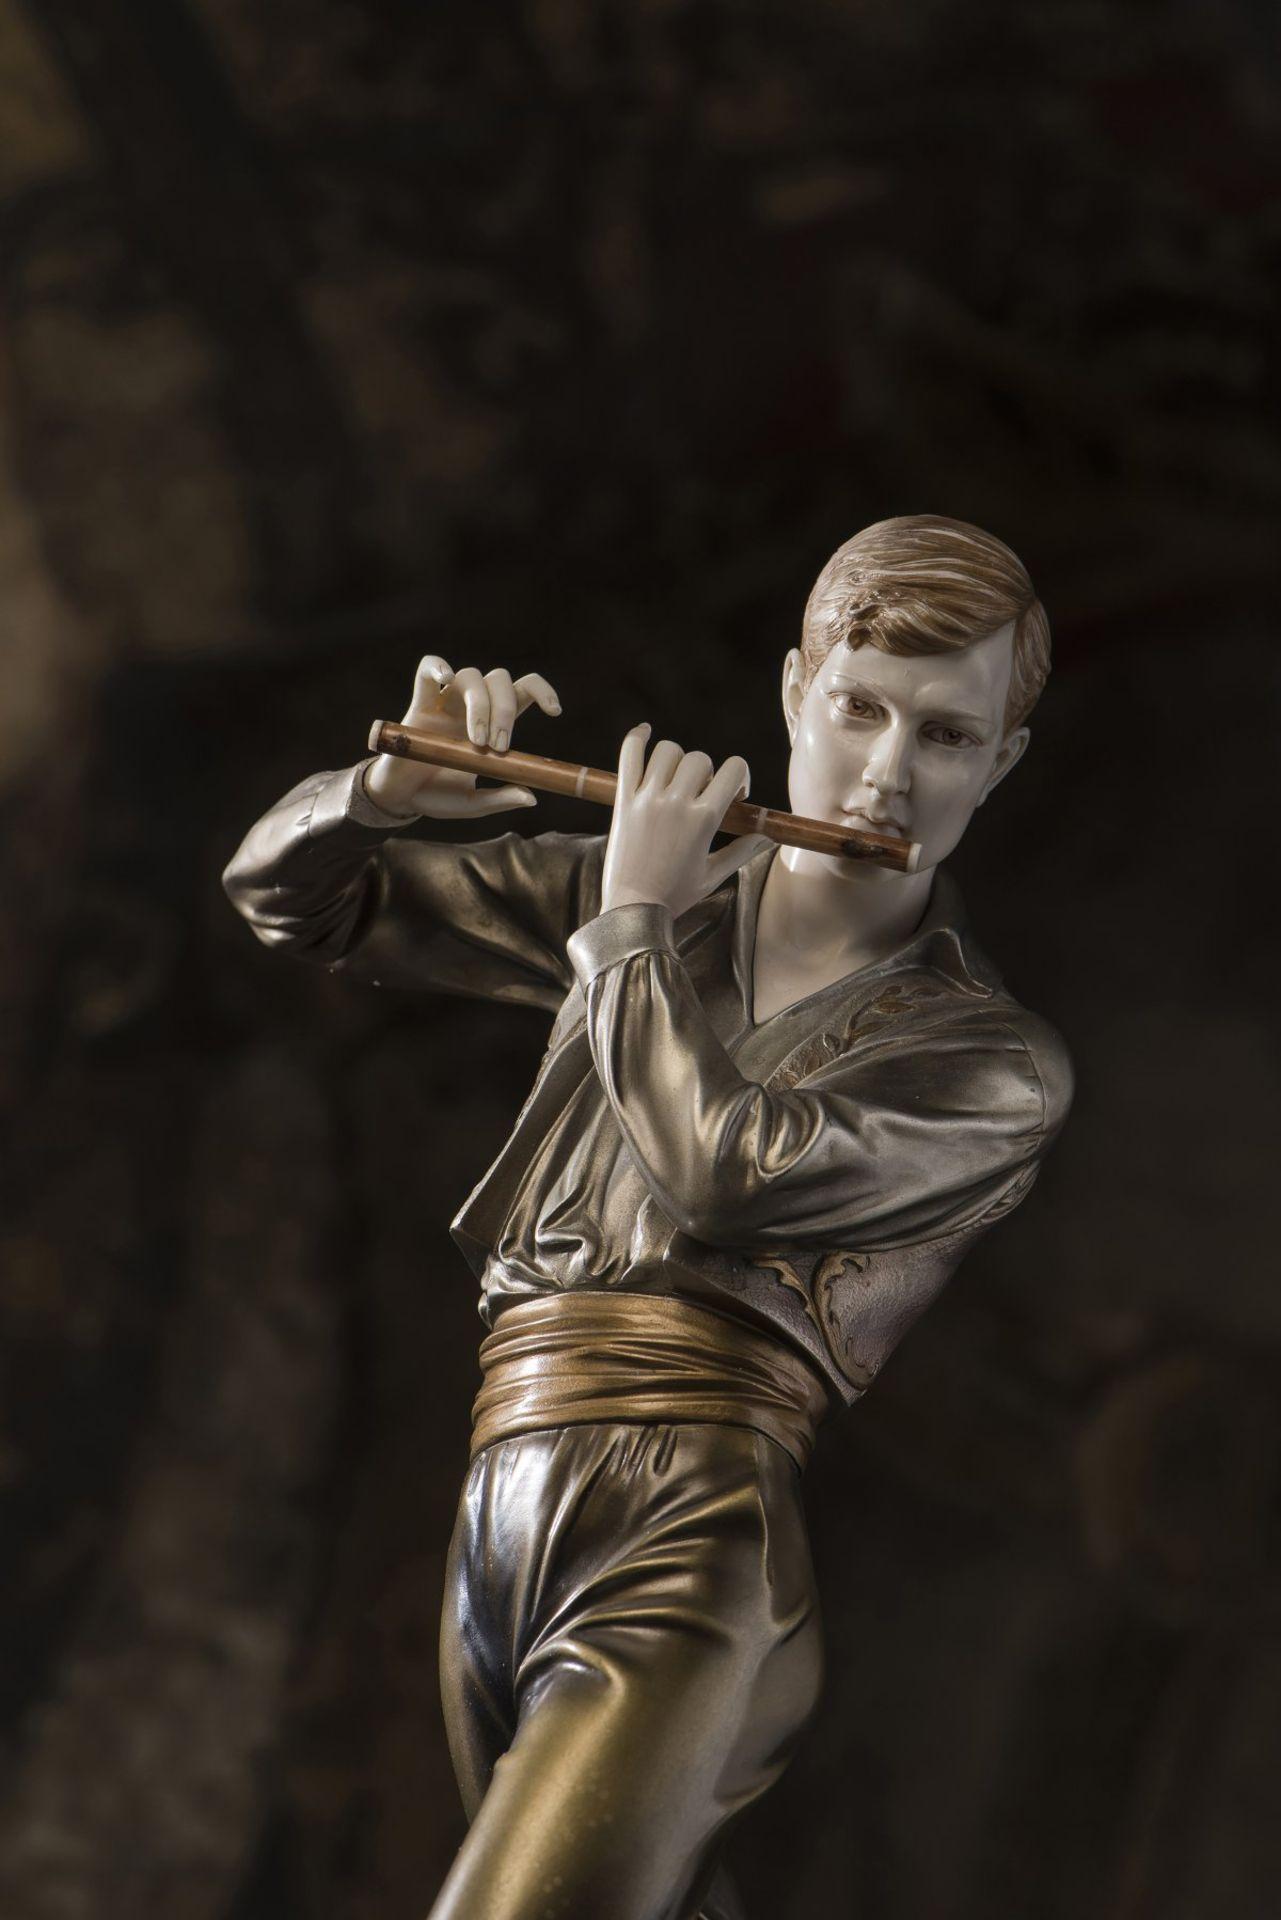 Ferdinand Preiss, 'Flötenspieler', um 1930 - Bild 6 aus 15